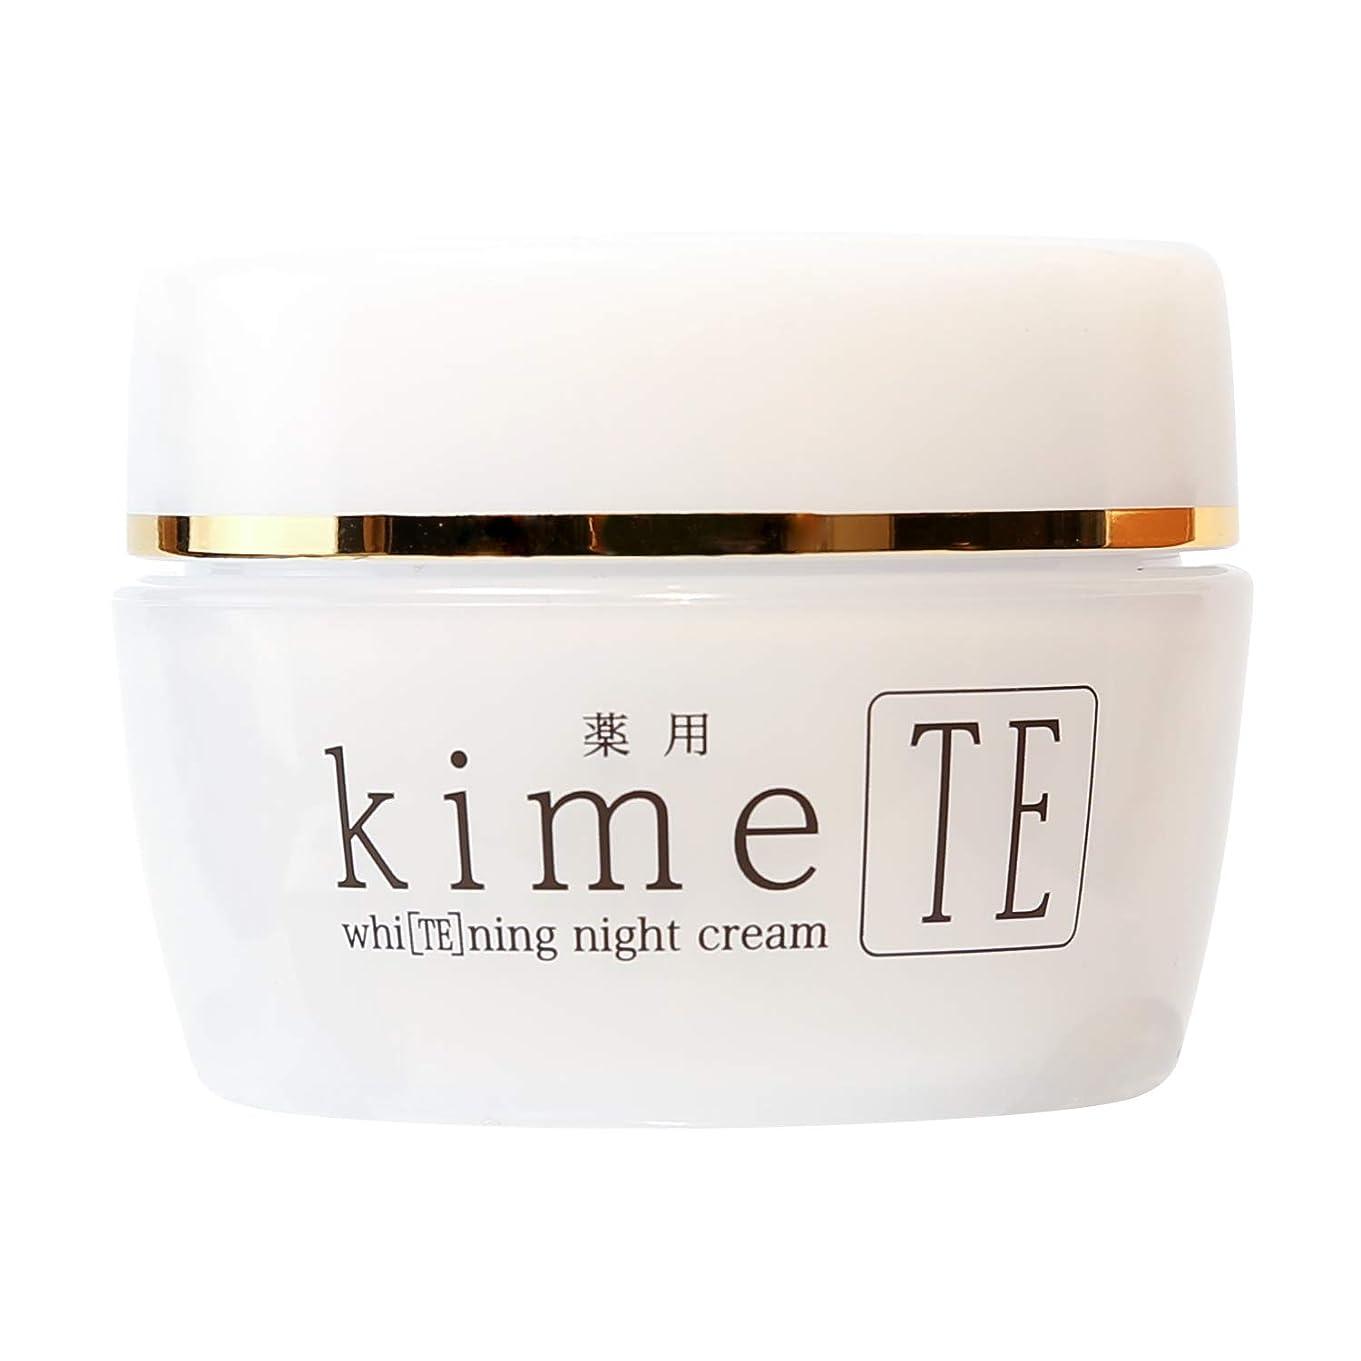 放牧する飼料放棄する【スペシャルアプローチ】kimeTE(キメテ)美白 保湿 無添加 ハンドケア 薬用ホワイトニングクリーム